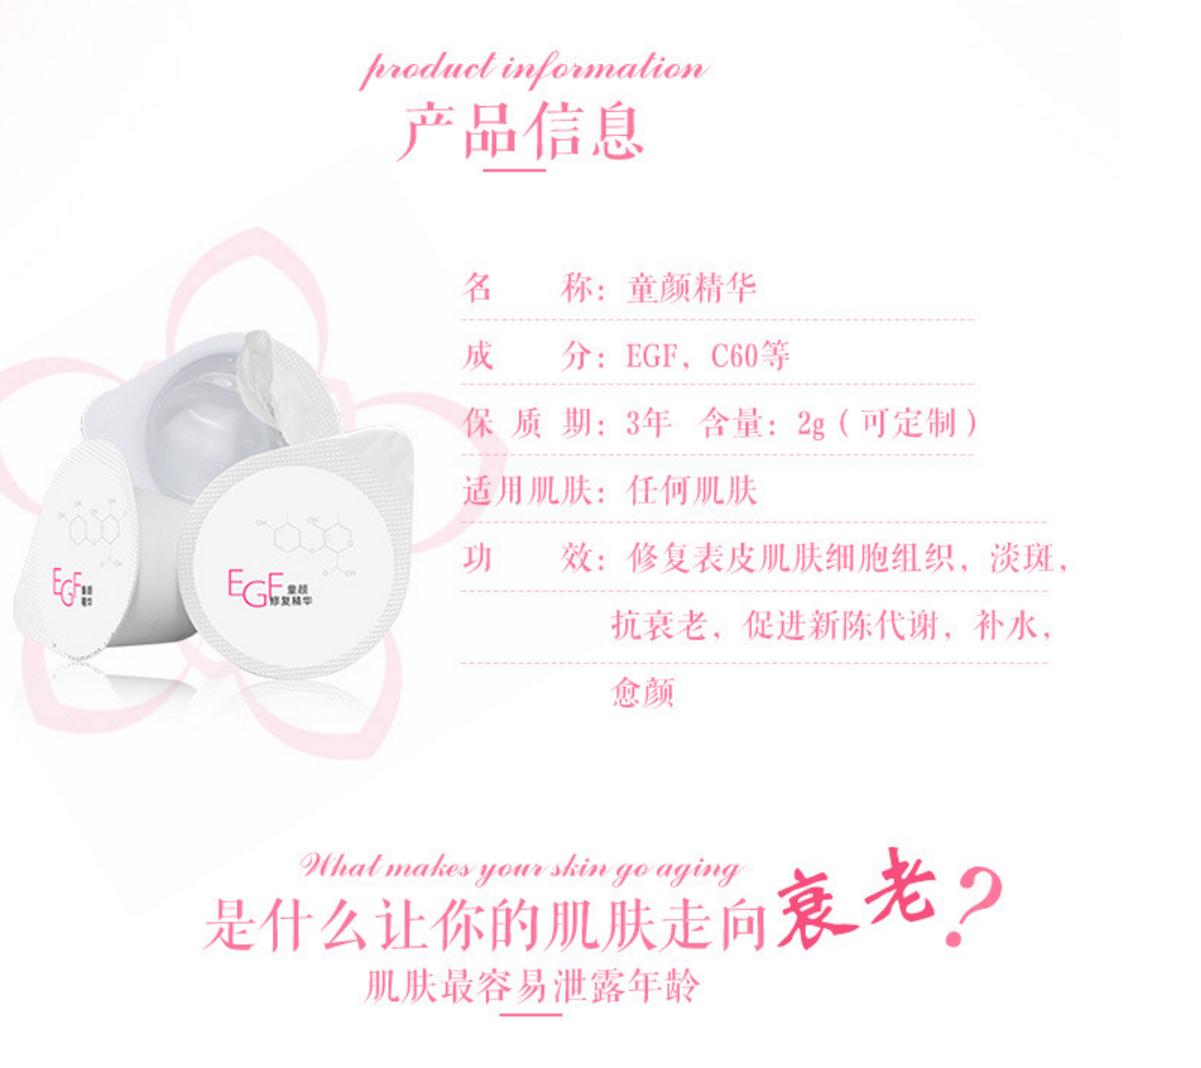 广州EGF原液面膜OEM加工 保湿修复精华愈颜童颜蛋涂抹面膜 化妆品爆款 童颜蛋精华